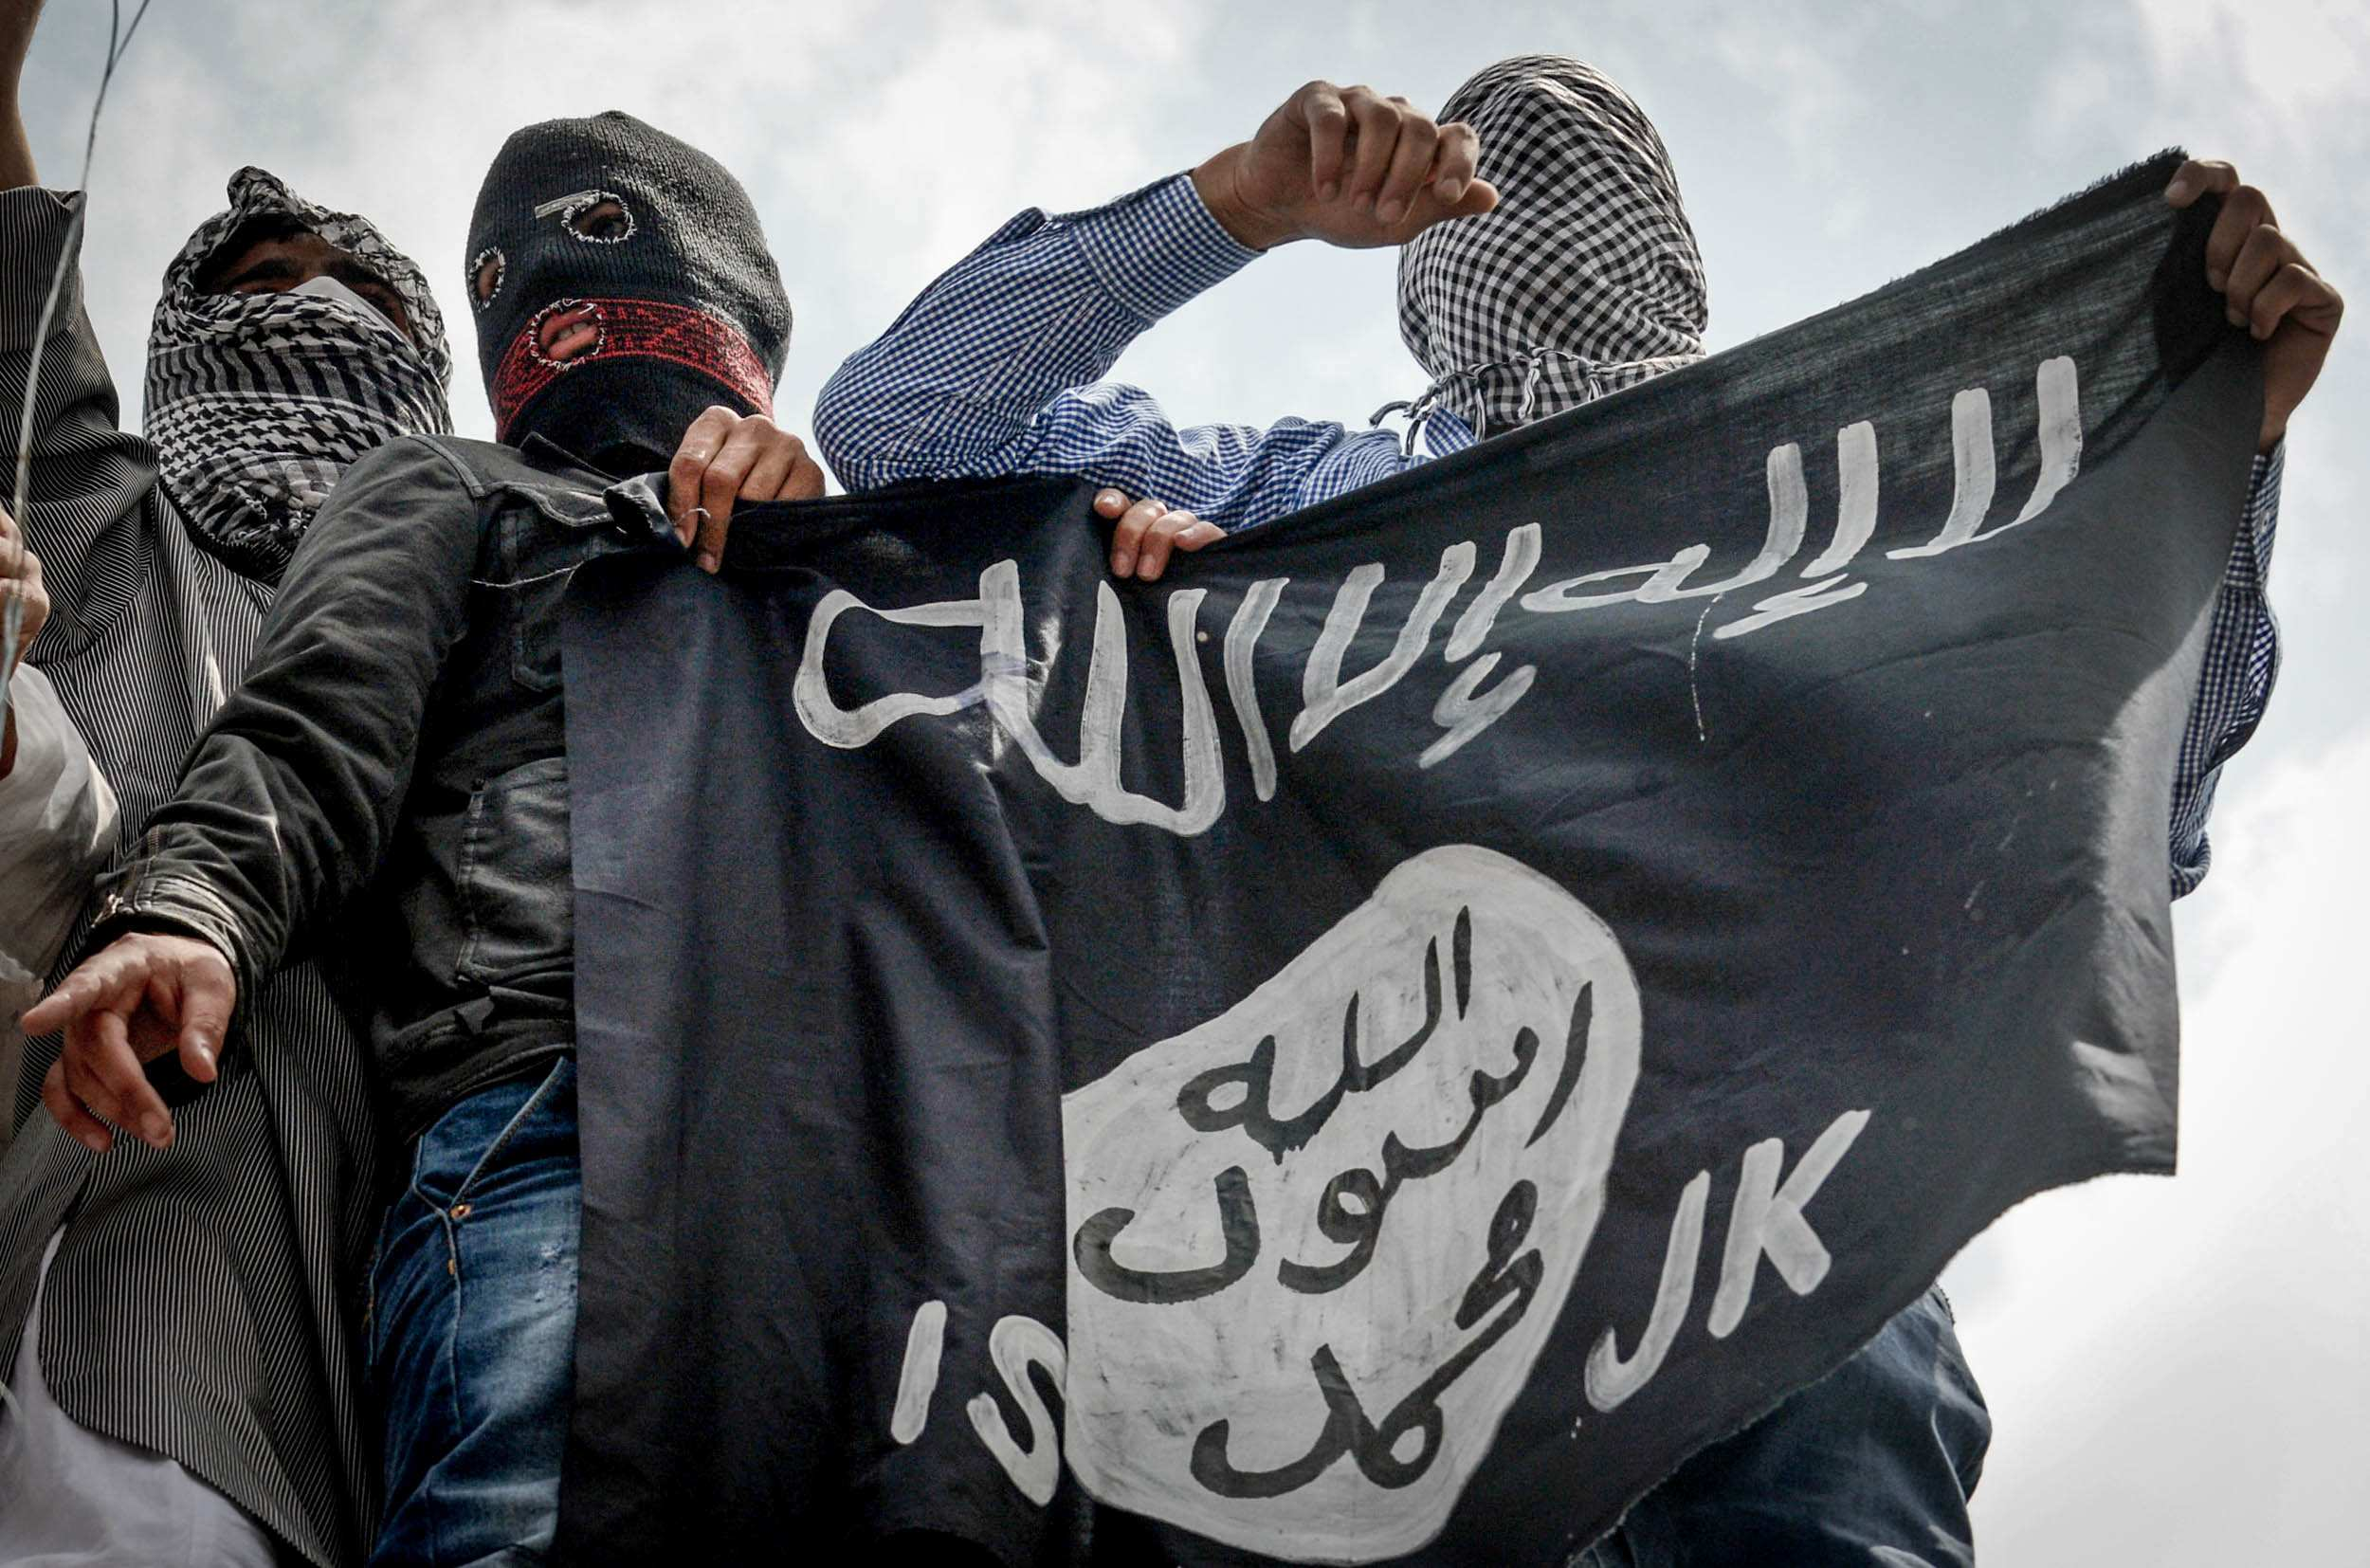 Utopias – combatendo o extremismo com verdade, diversidade e esperança